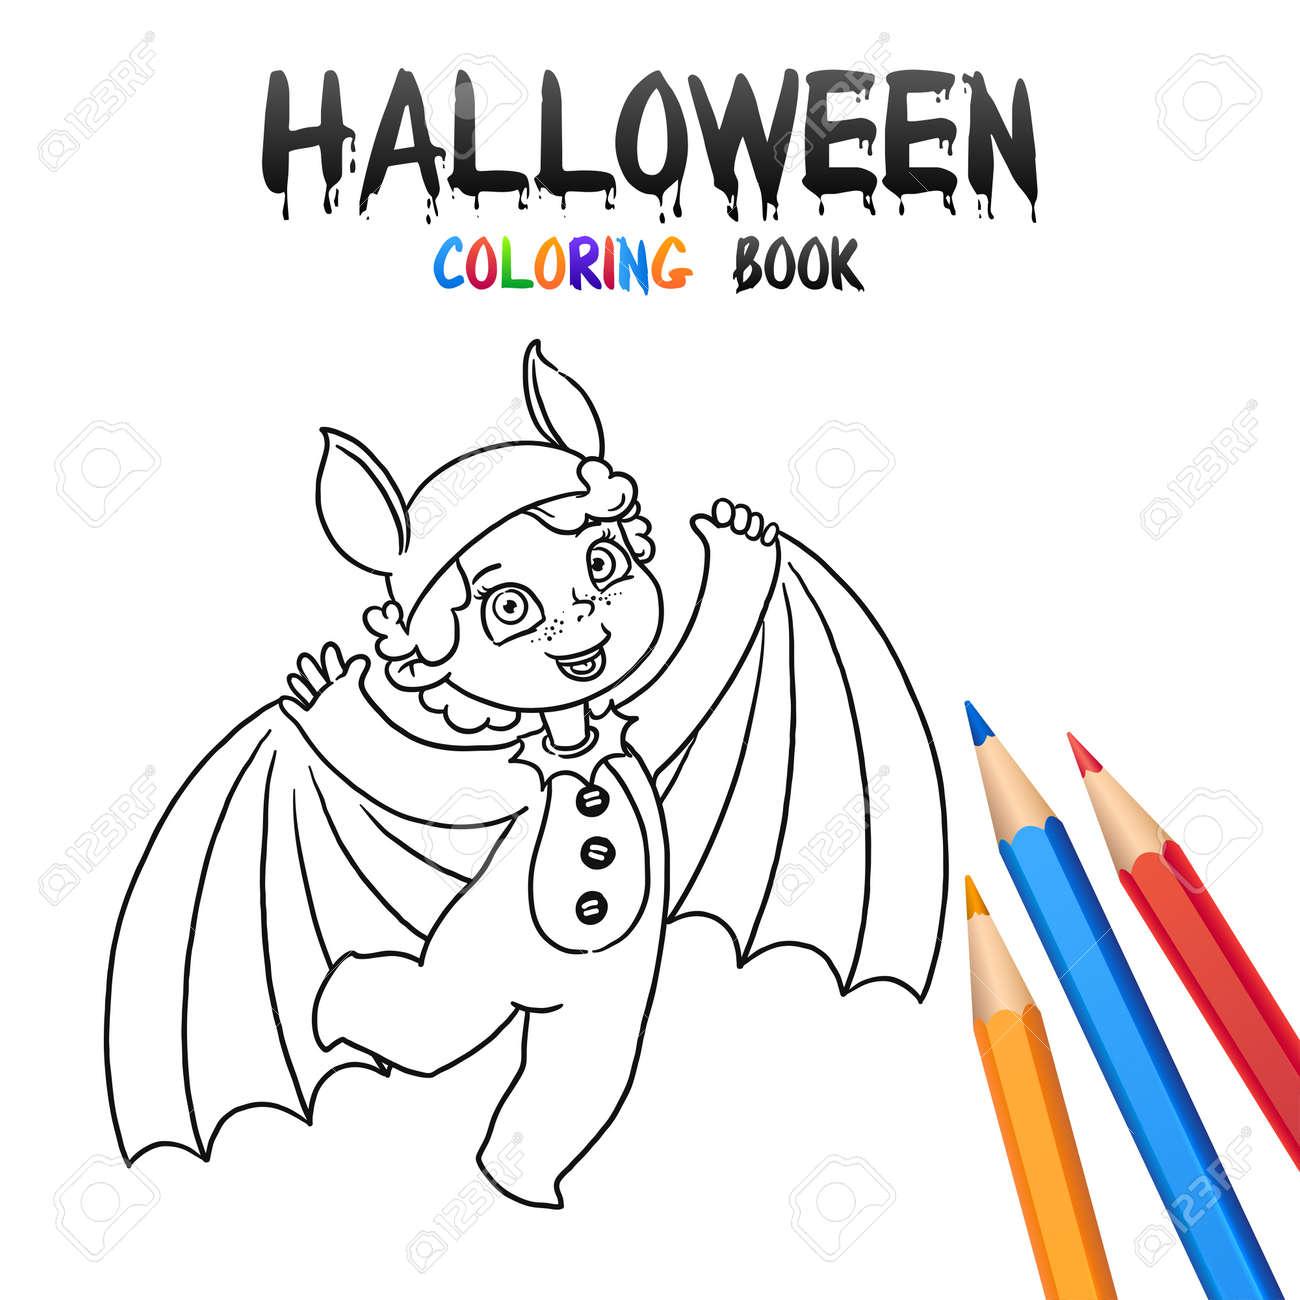 Tolle Halloween Kostüme Malvorlagen Galerie - Malvorlagen Von Tieren ...